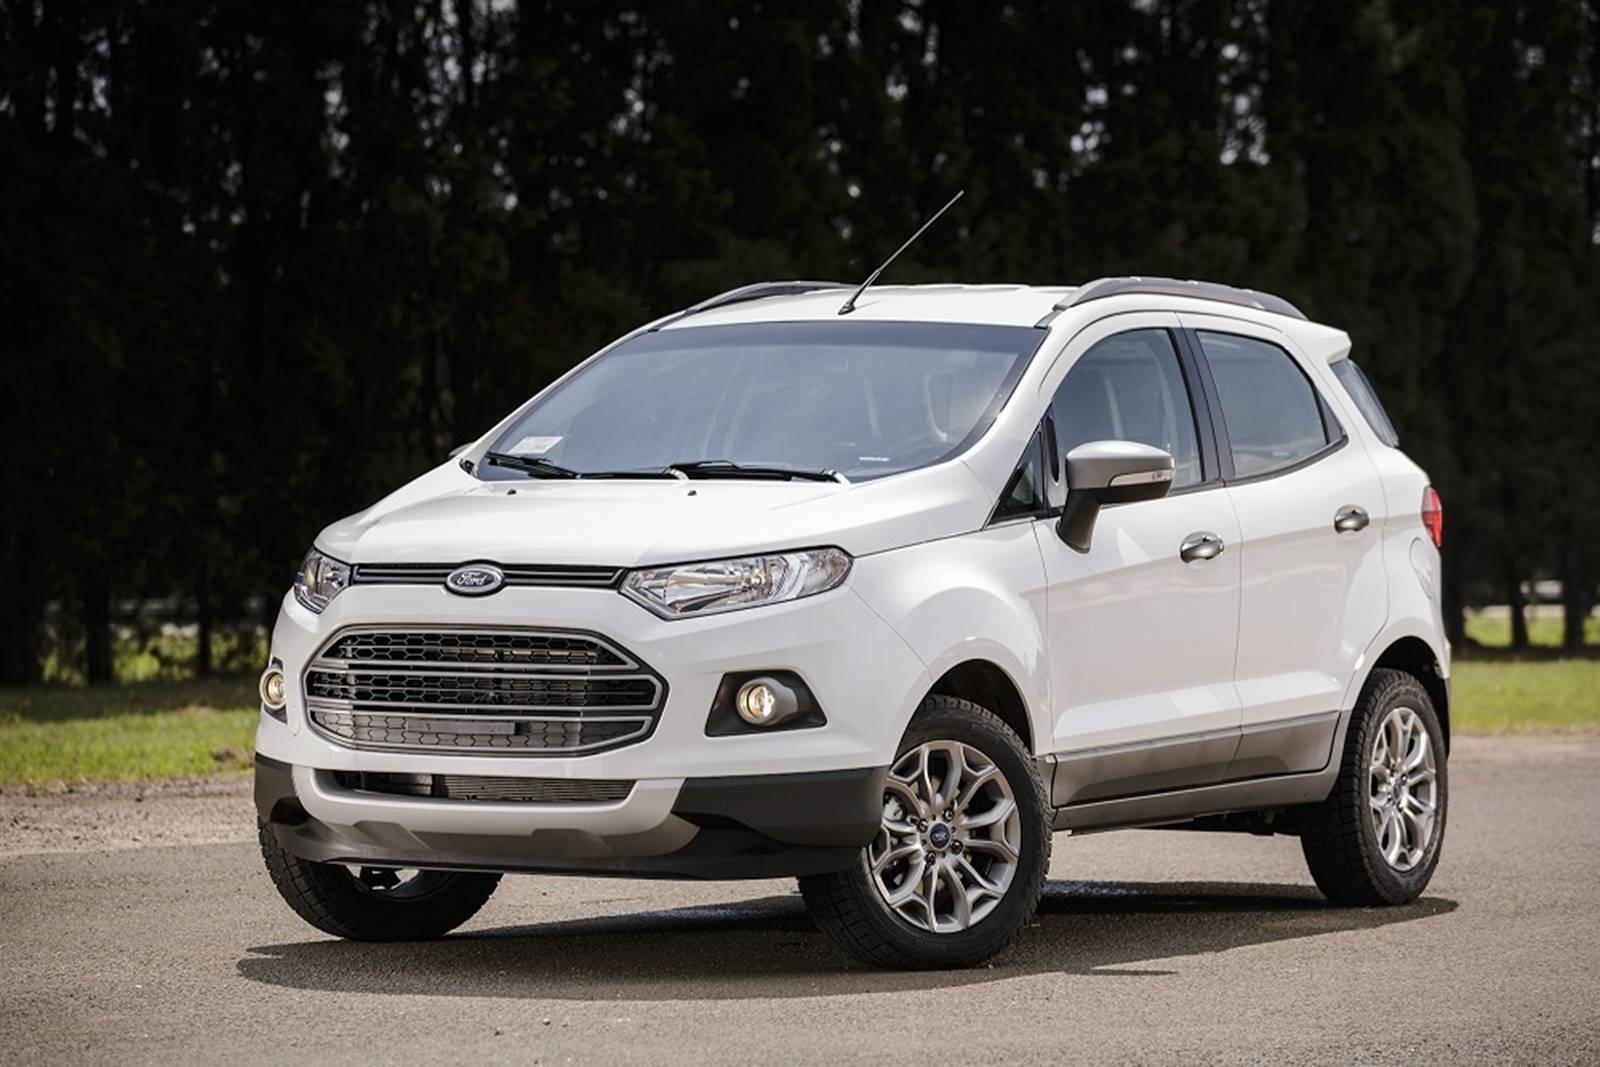 «Живые» фотографии улучшенного Форд Еcosport появились вweb-сети интернет